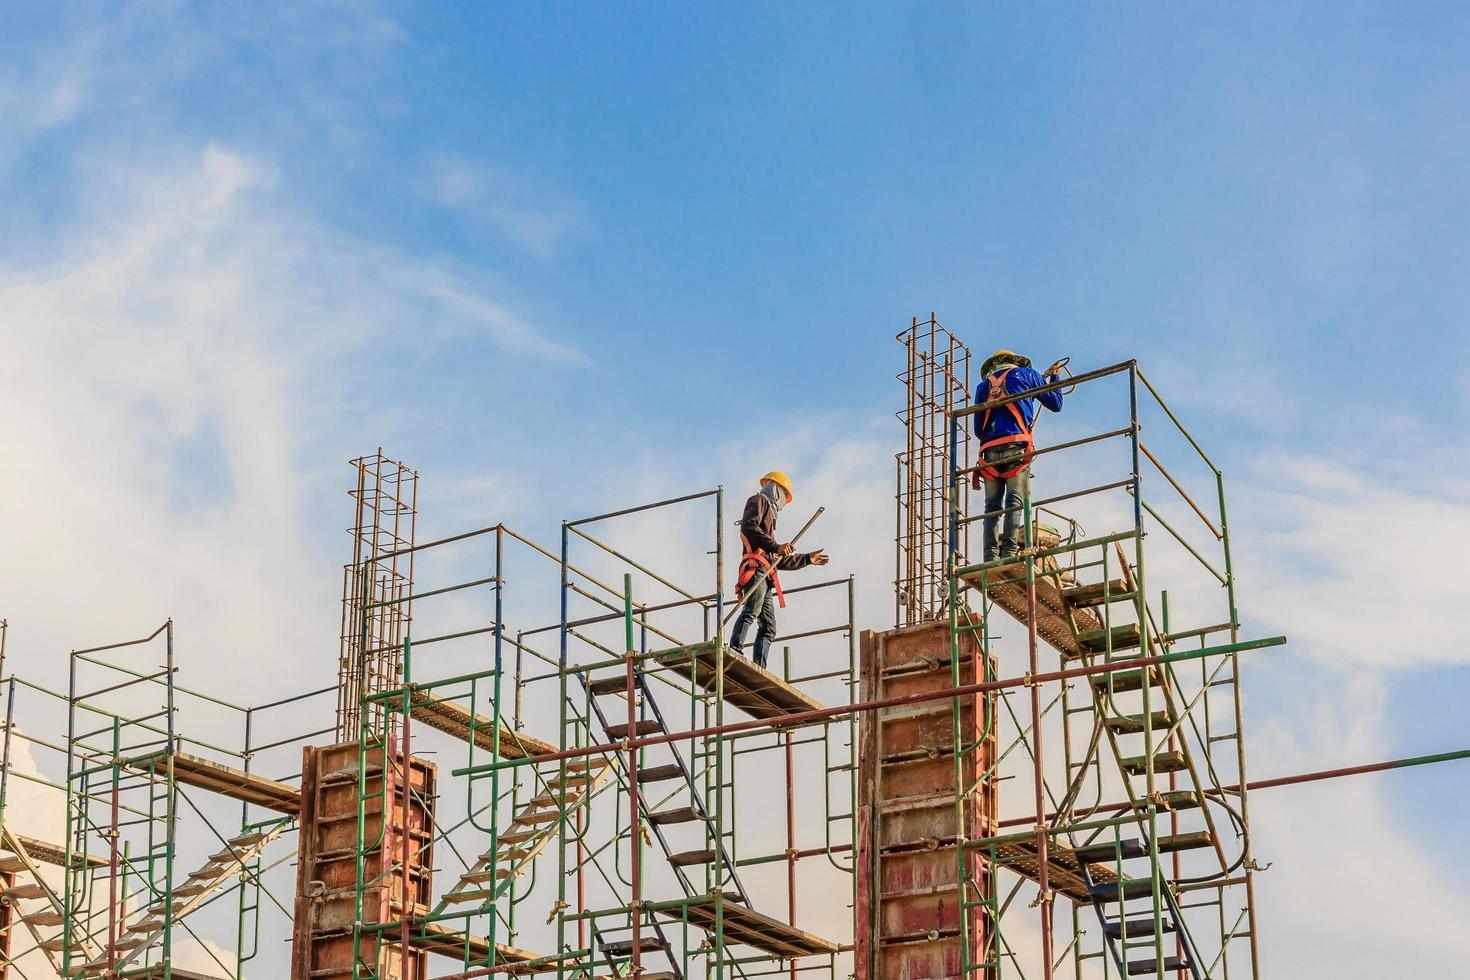 bouwvakkers werken op steigers op een hoog niveau door gestelde veiligheidsnormen foto